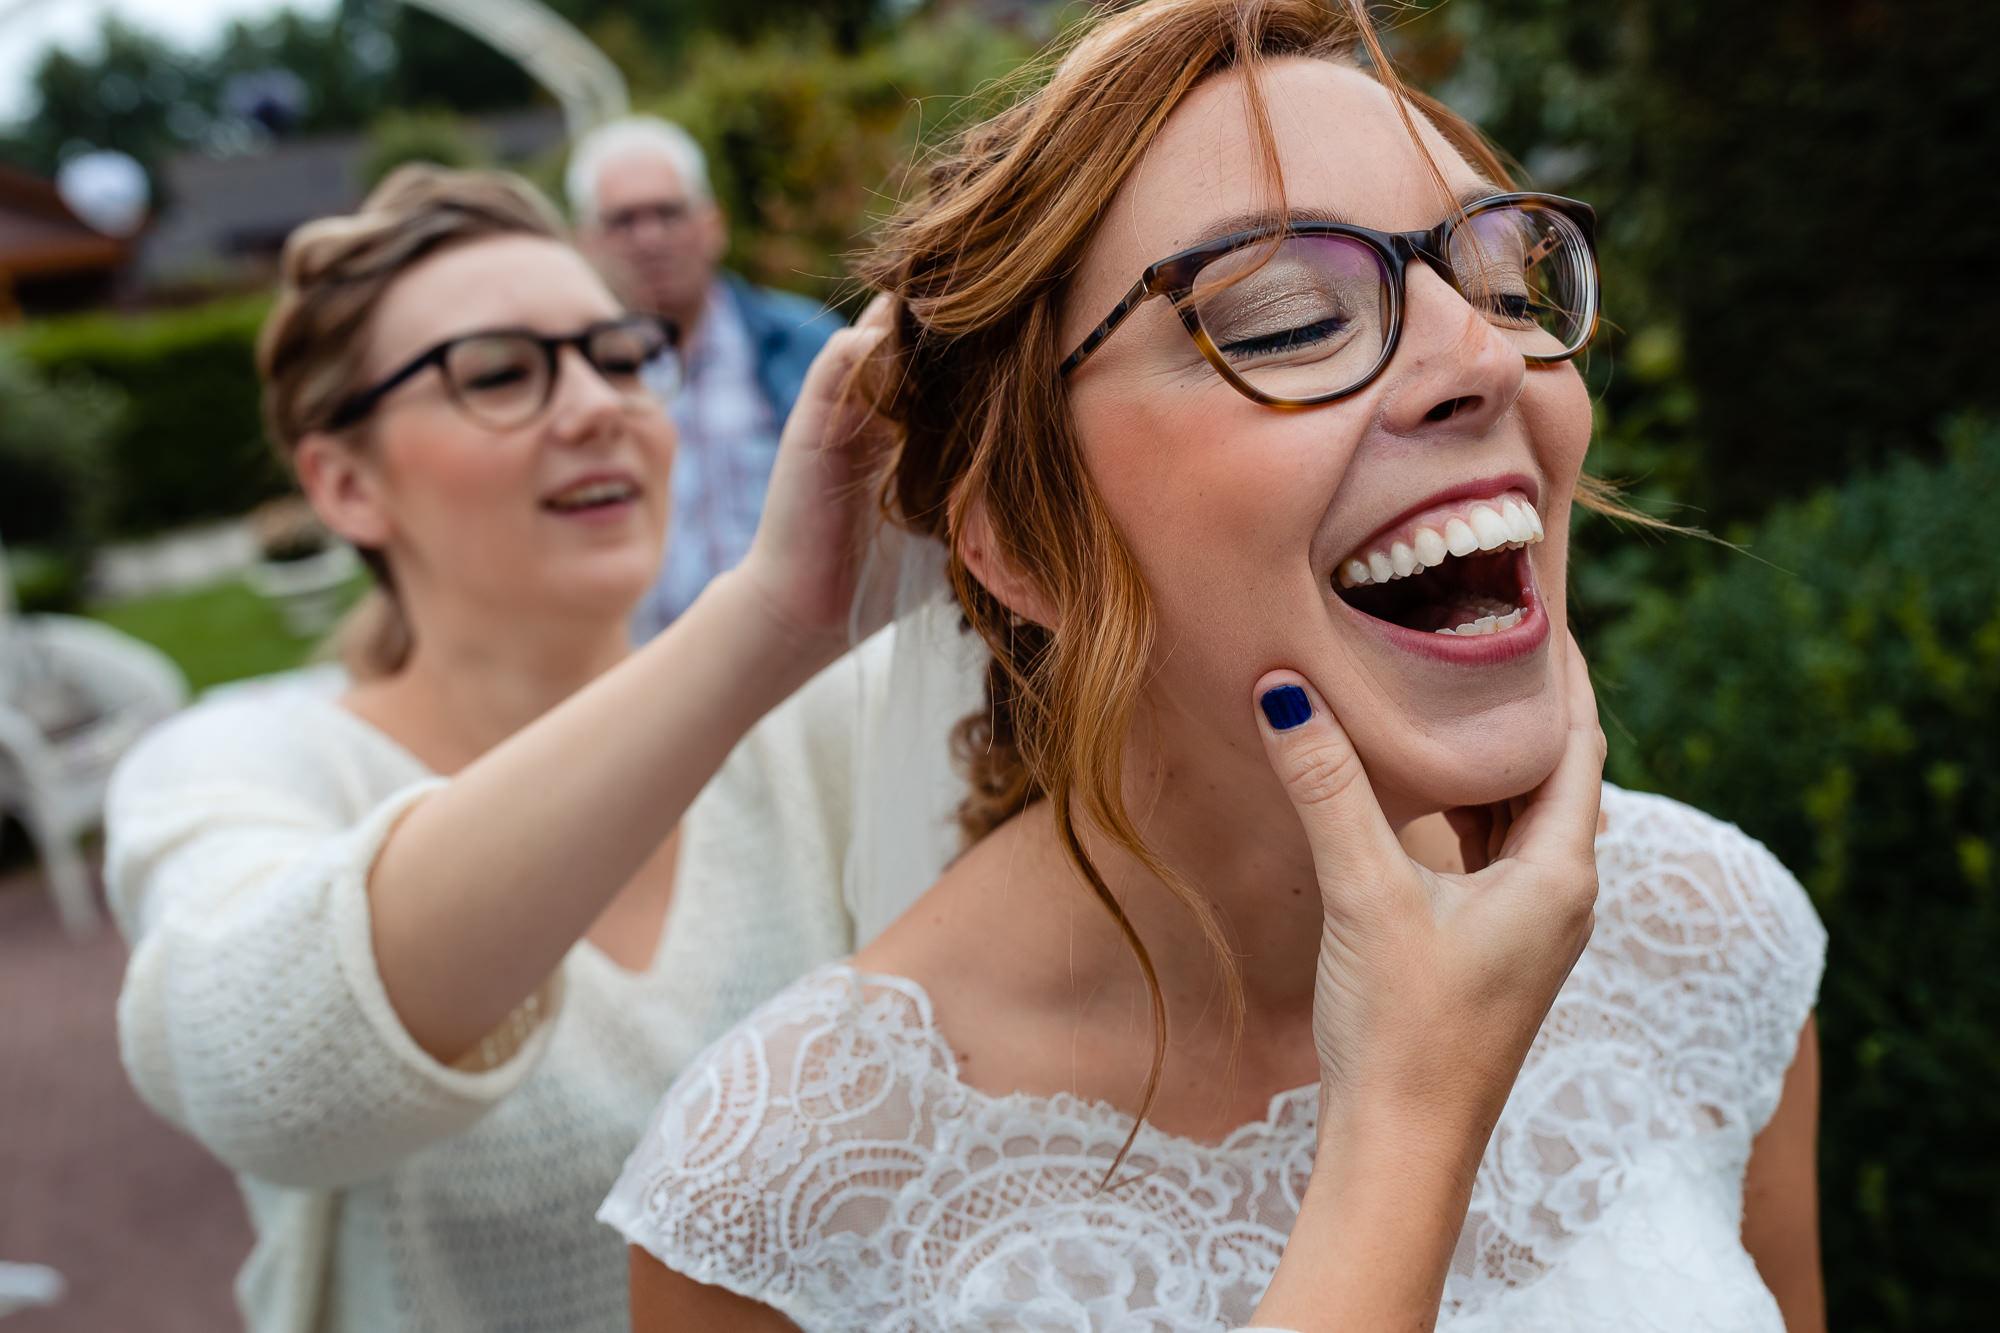 Hoofd van de bruid wordt vastgepakt terwijl de sluier in wordt gedaan en lacht